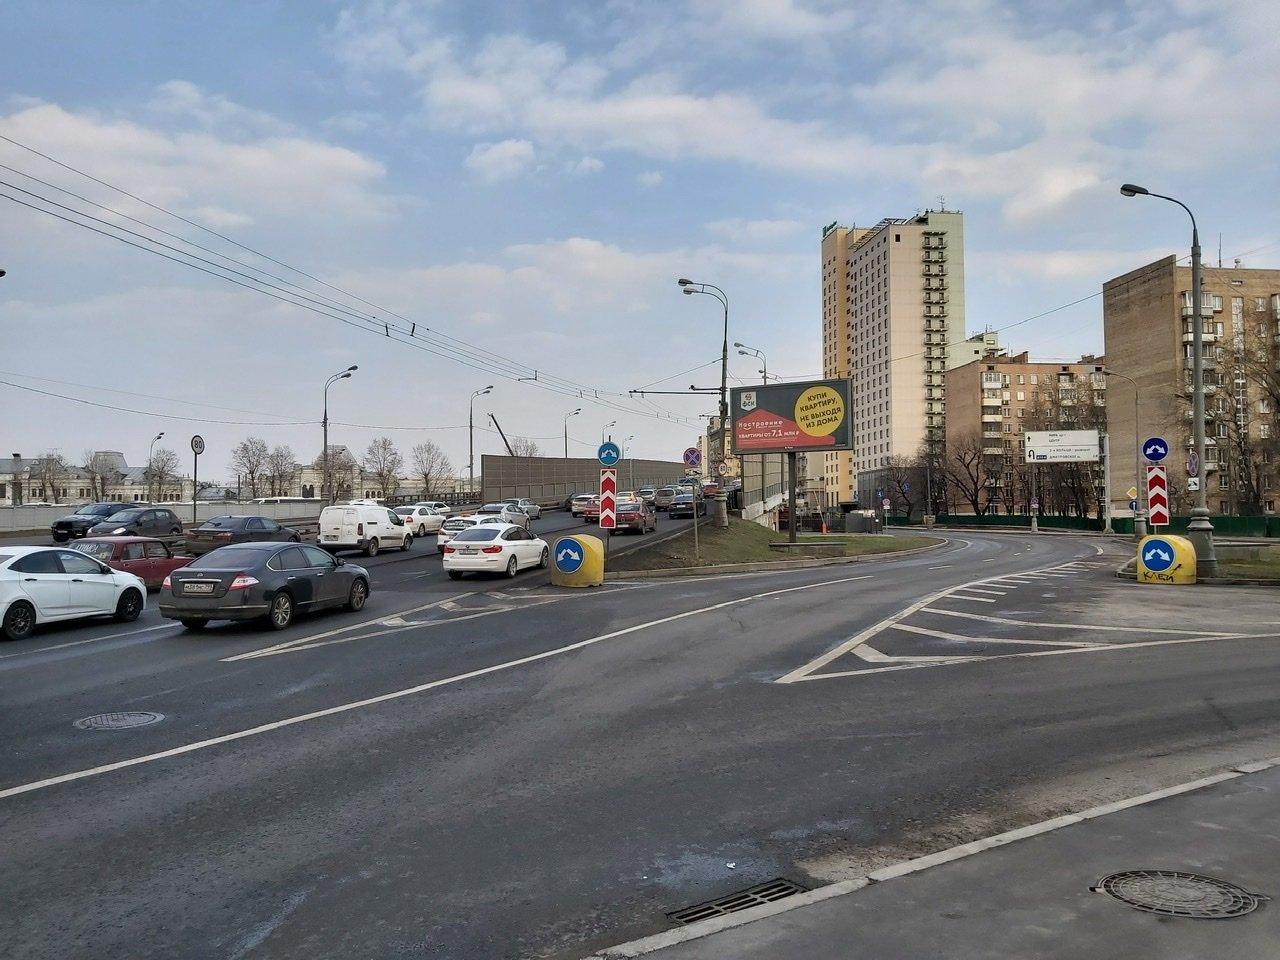 Что происходит в российских регионах: транспорт, дороги, автопром и цена бензина в условиях карантина